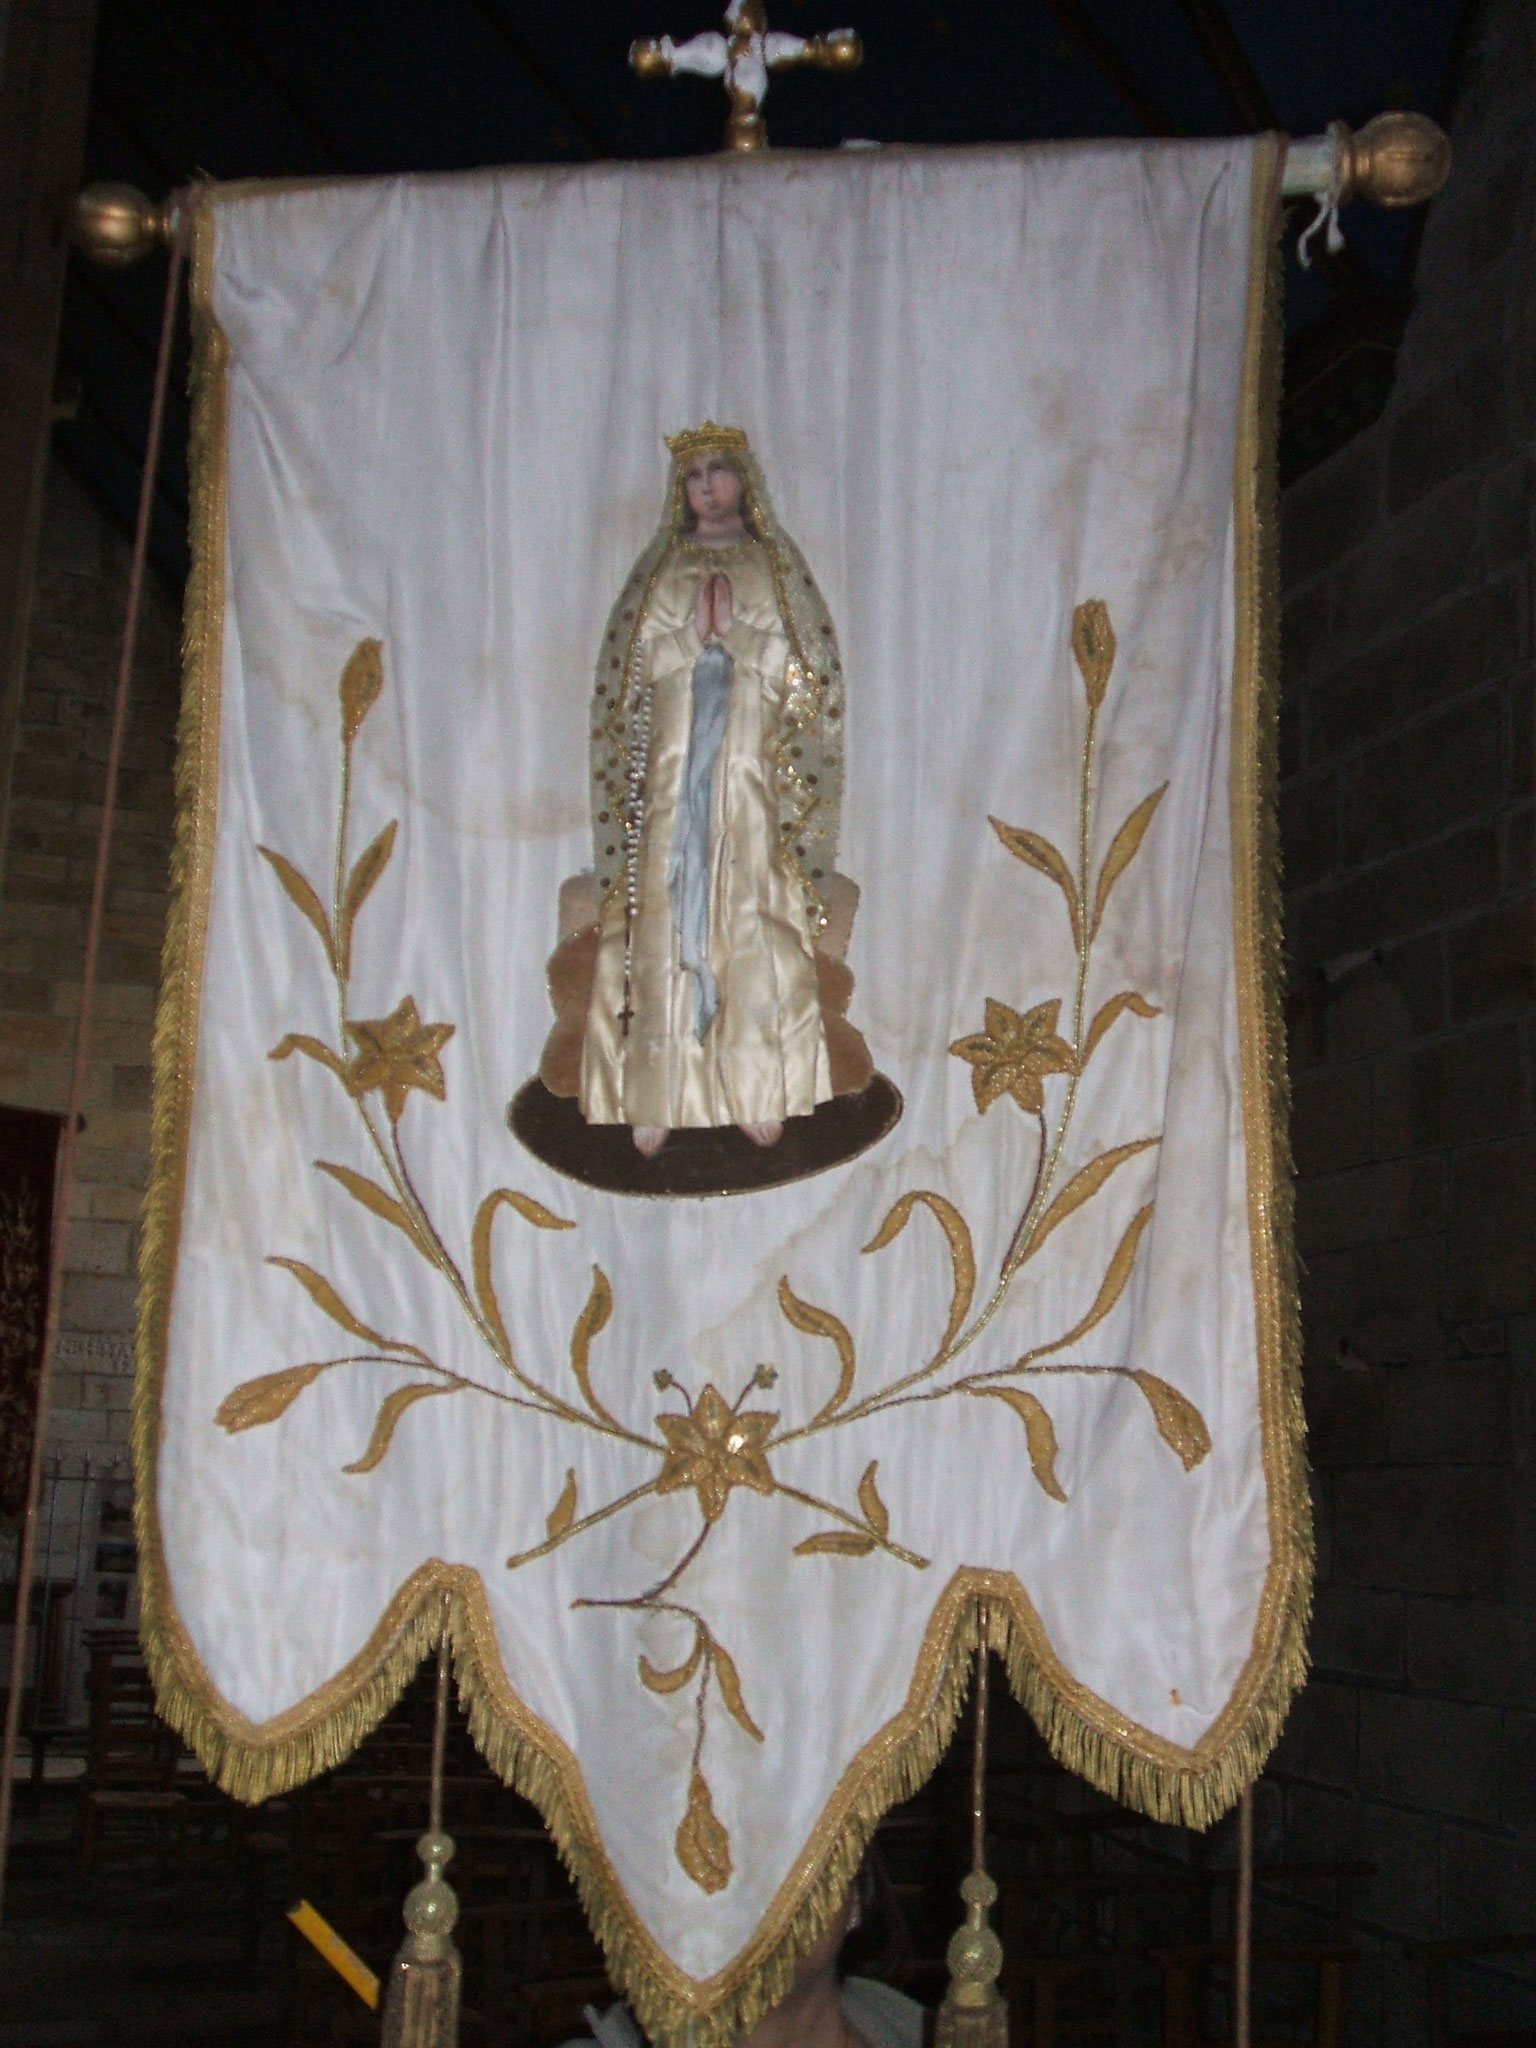 Bannière des Jeunes, Vierge.